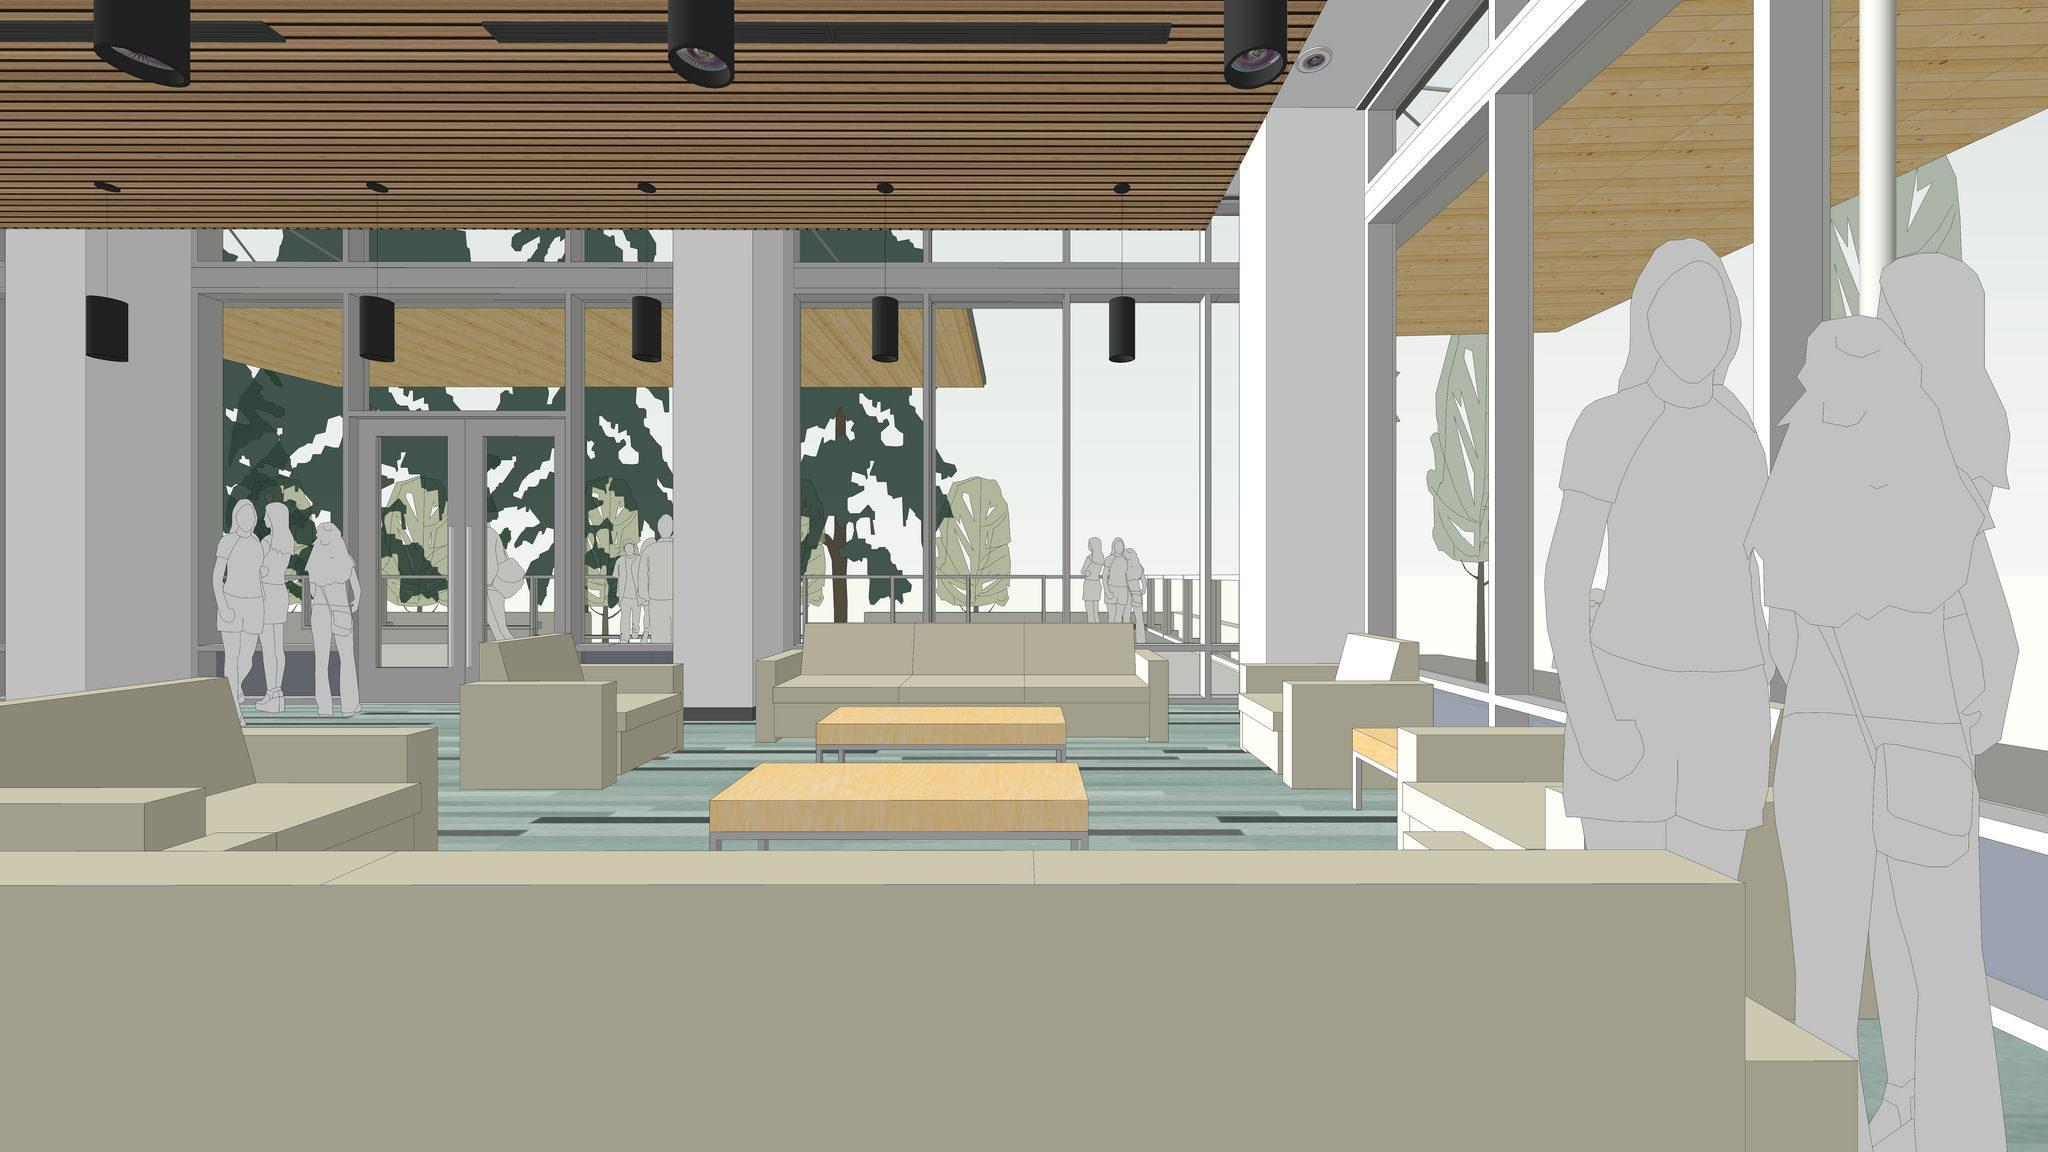 Image: Acton Ostry Architects / UBC Public Affairs